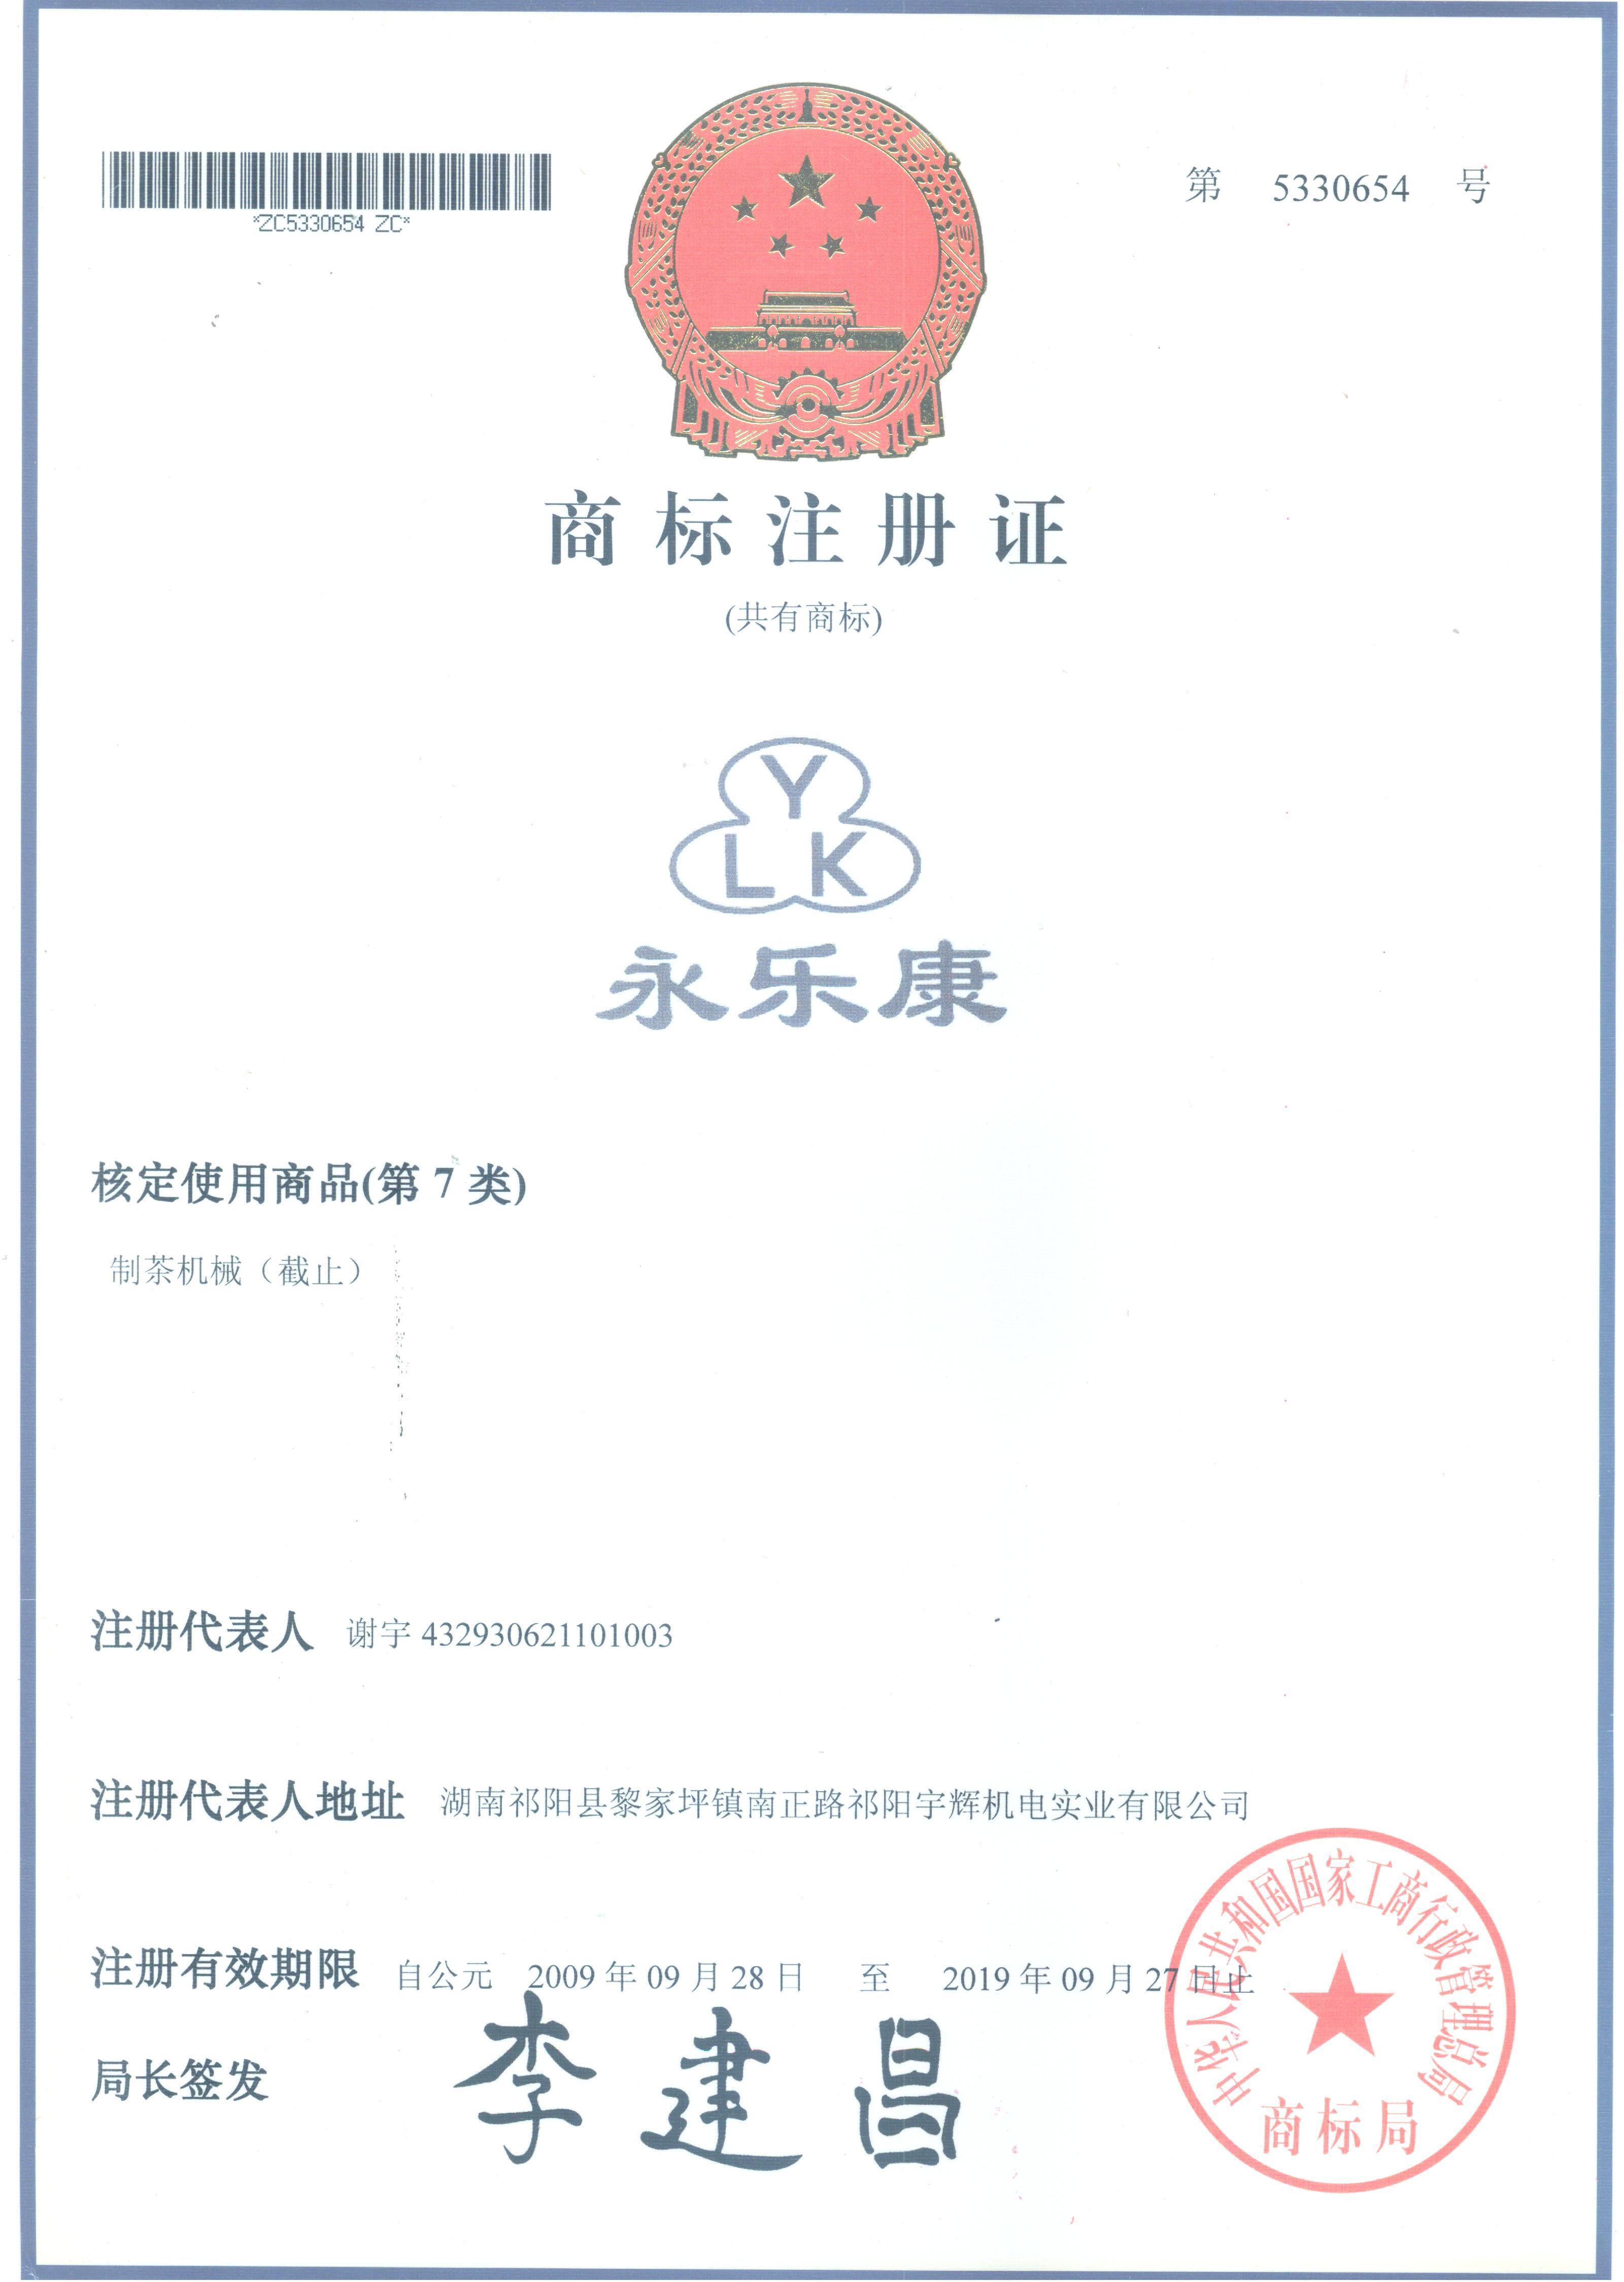 永乐康注册商标